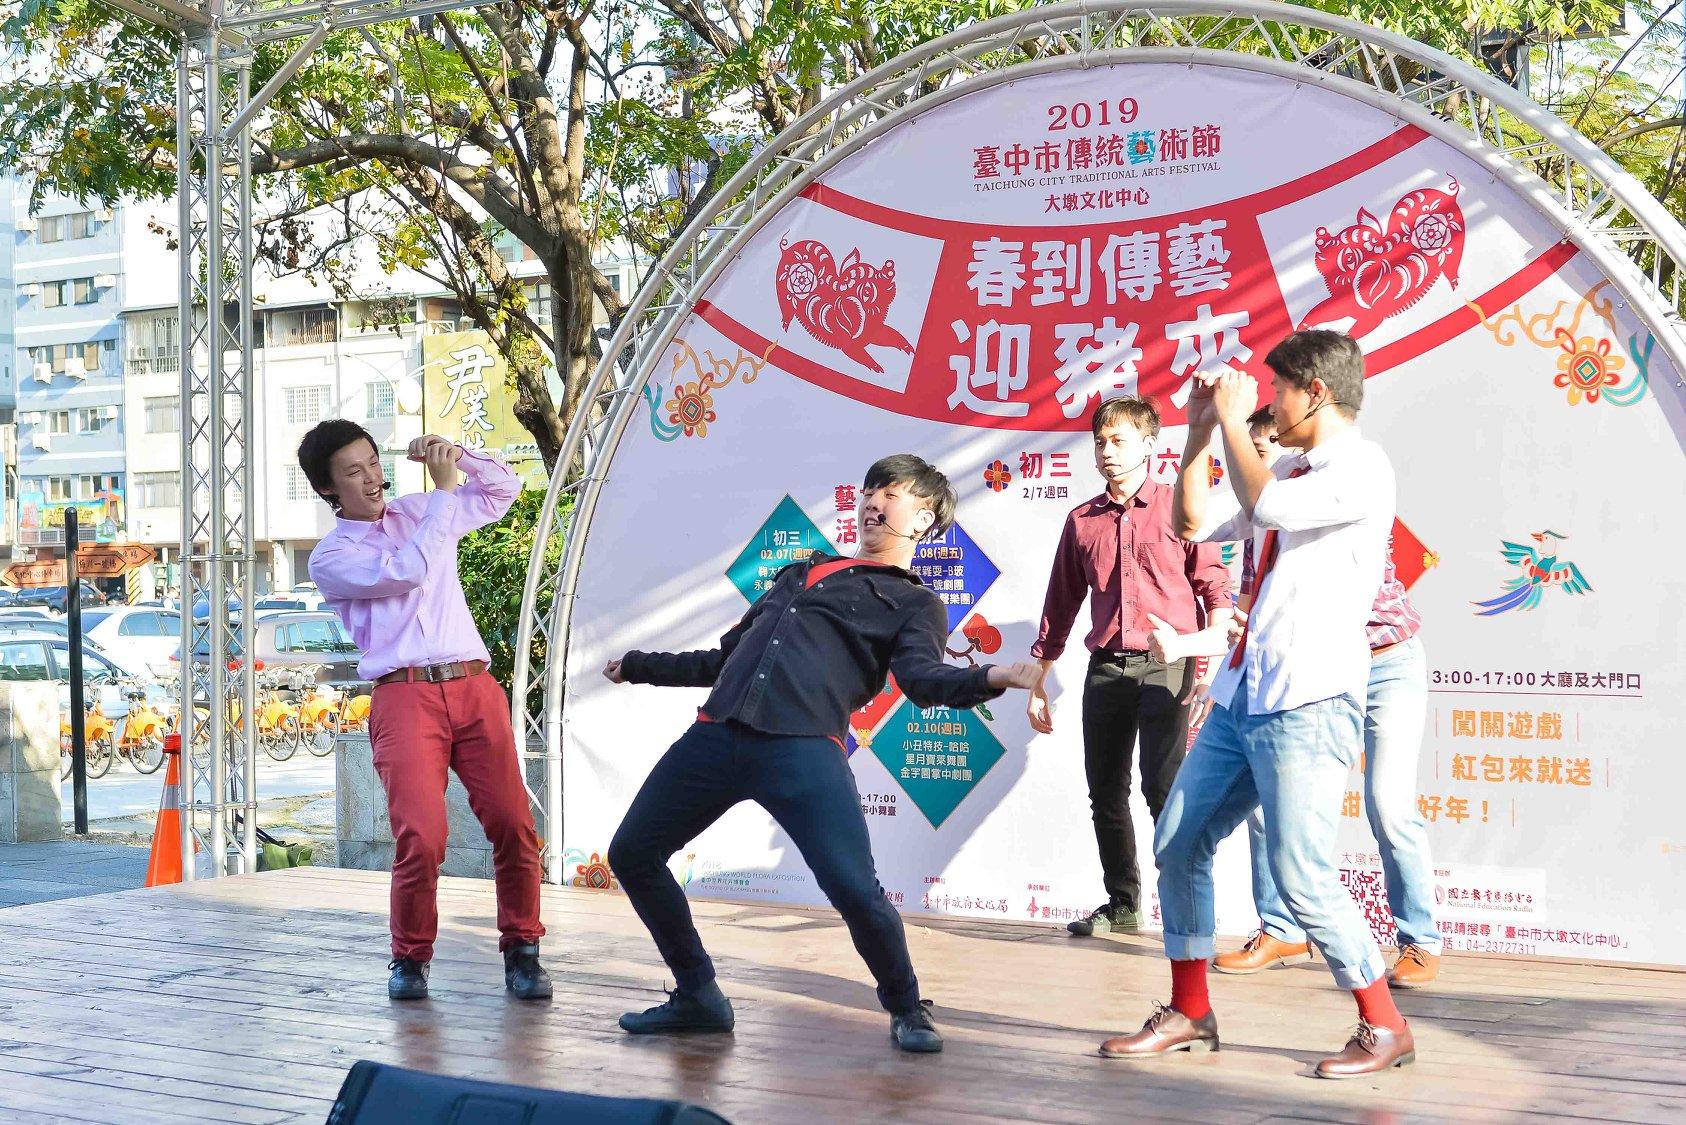 「新生一號劇團」於舞臺上奮力演出。